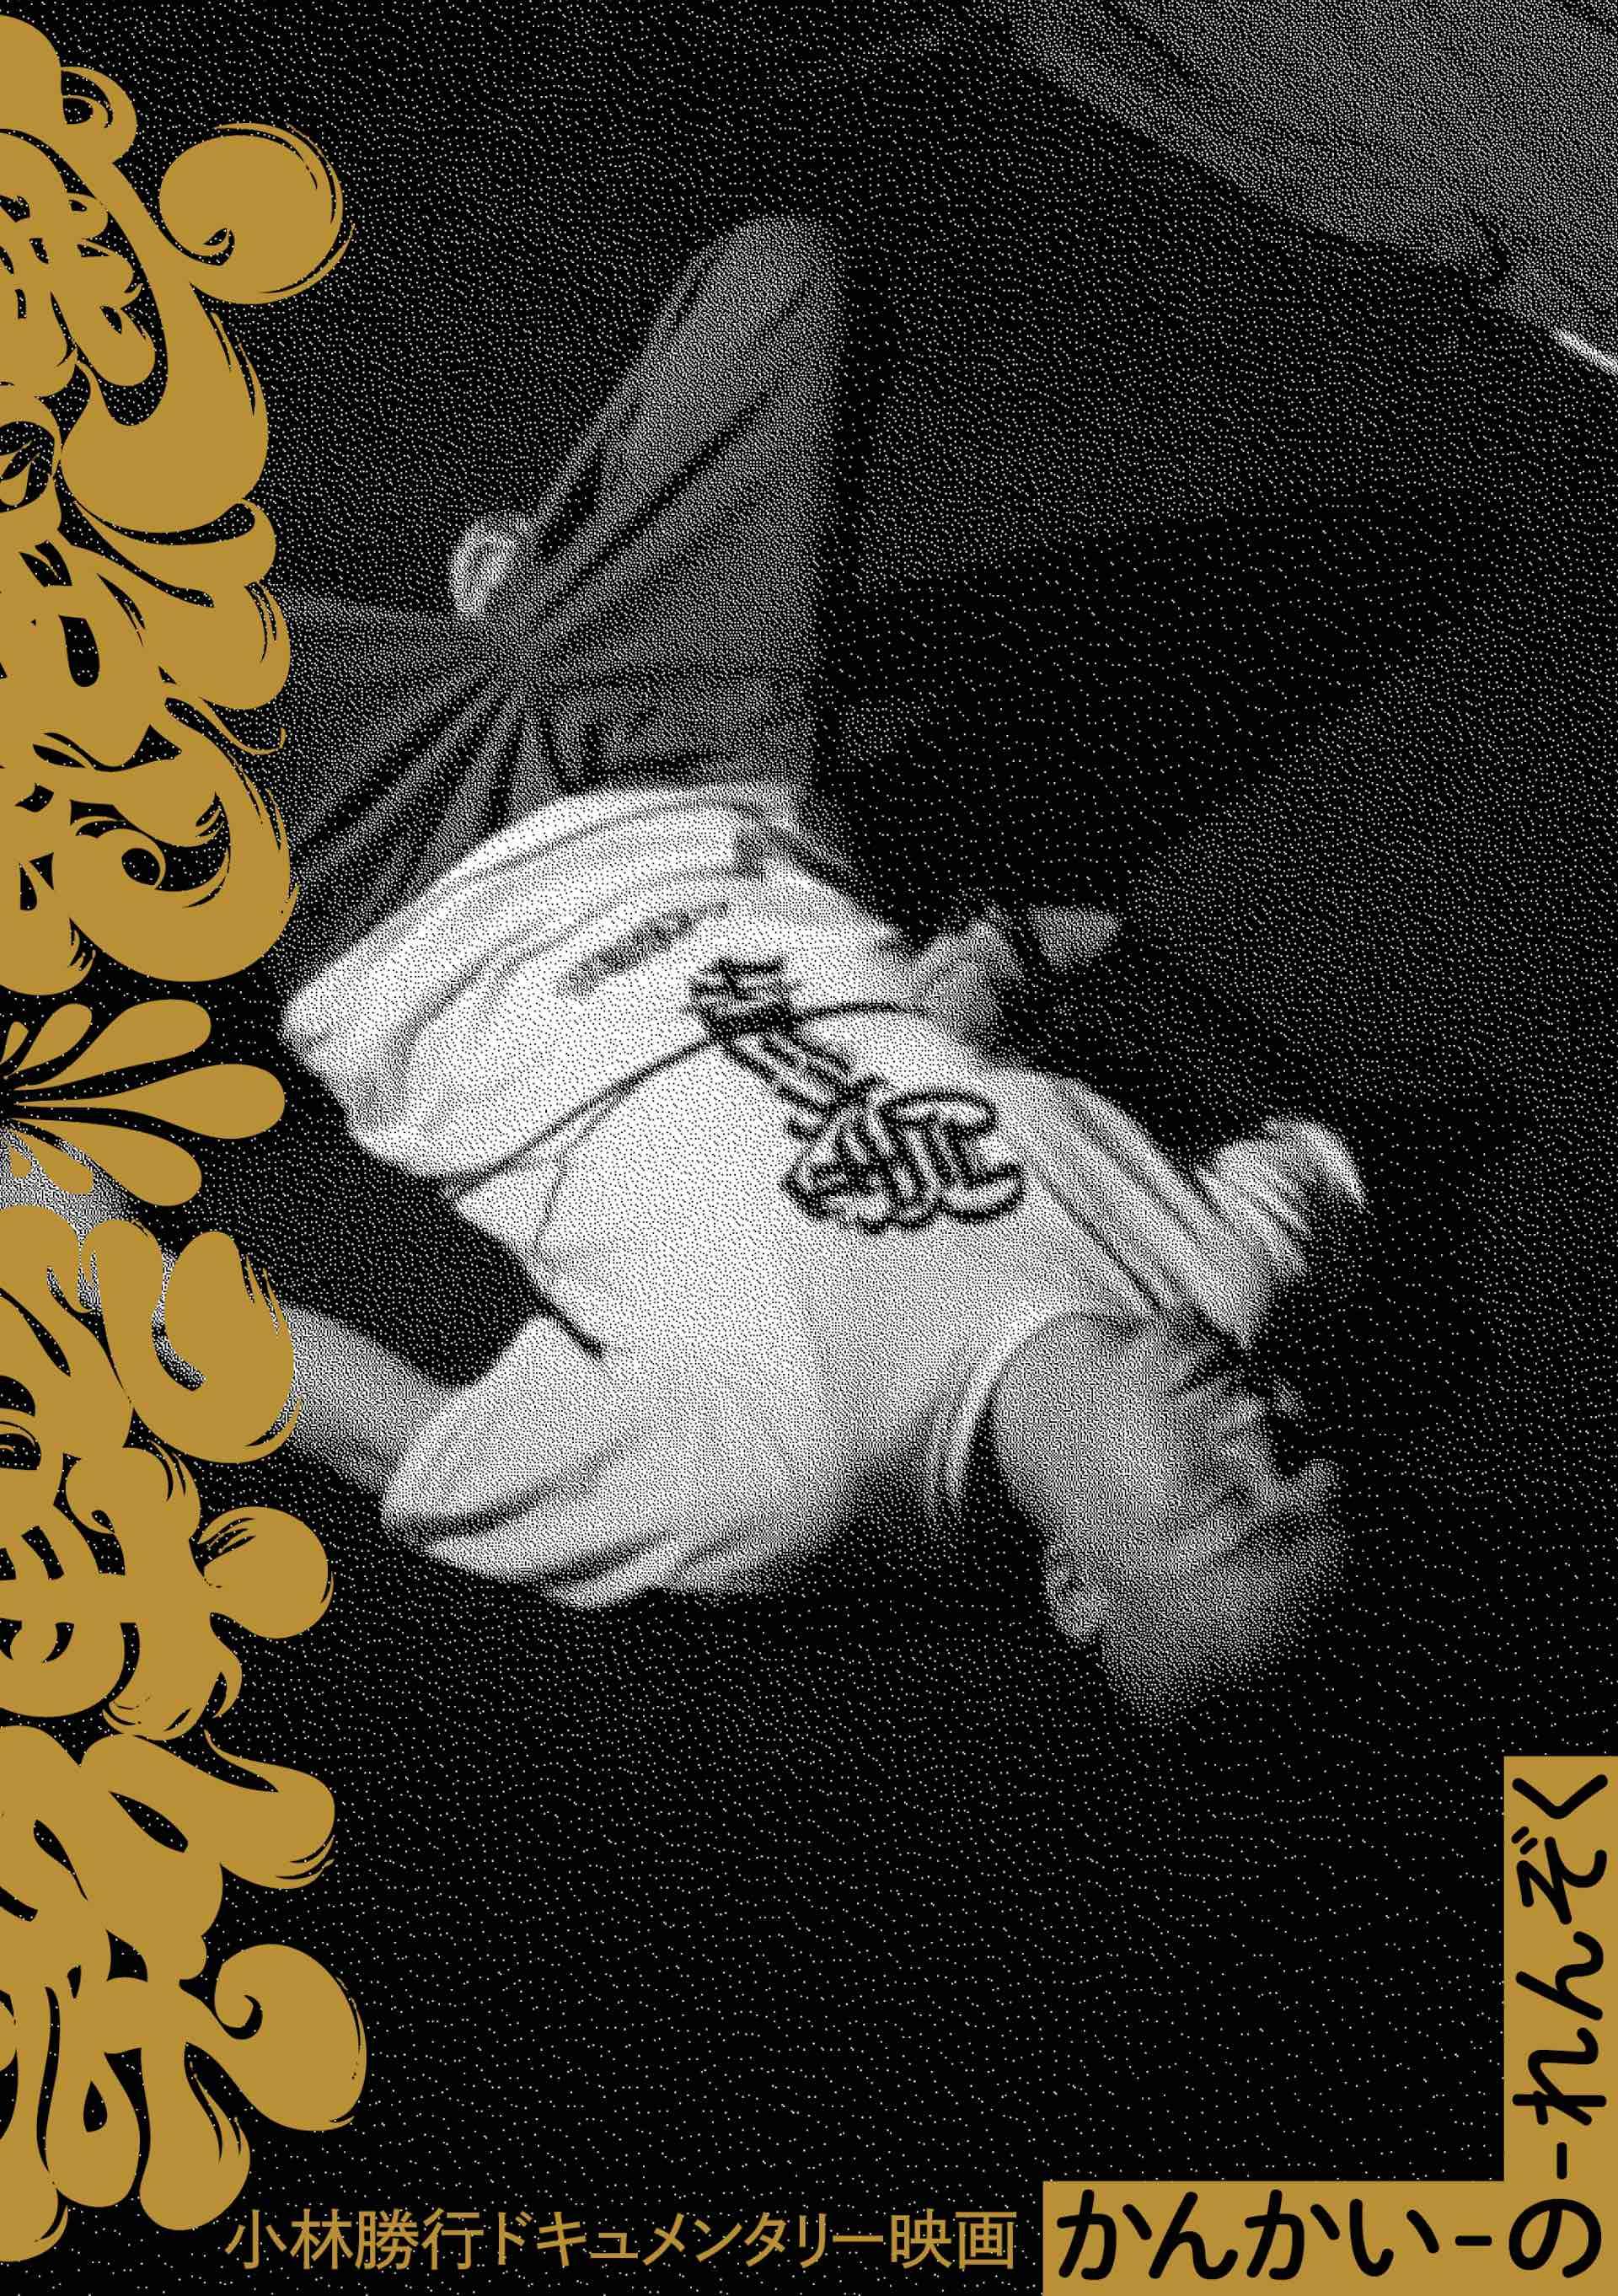 小林勝行2ndアルバム発表までに密着したドキュメンタリー『寛解の連続』が上映延期も、本来の上映期間に有料配信決定! film200518_hiphop_documentary_01